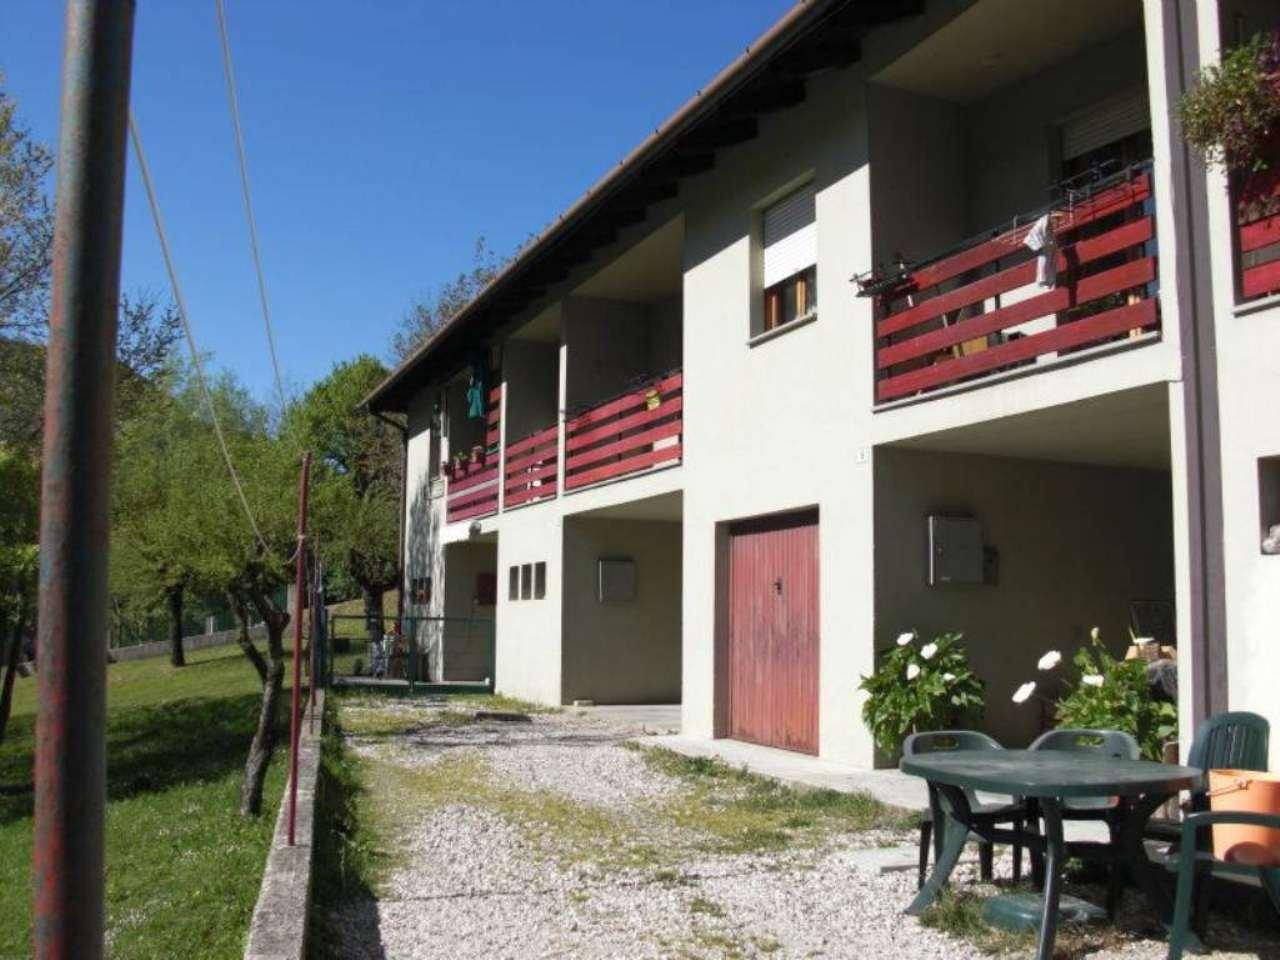 Villa a Schiera in vendita a Attimis, 3 locali, prezzo € 45.000 | Cambio Casa.it